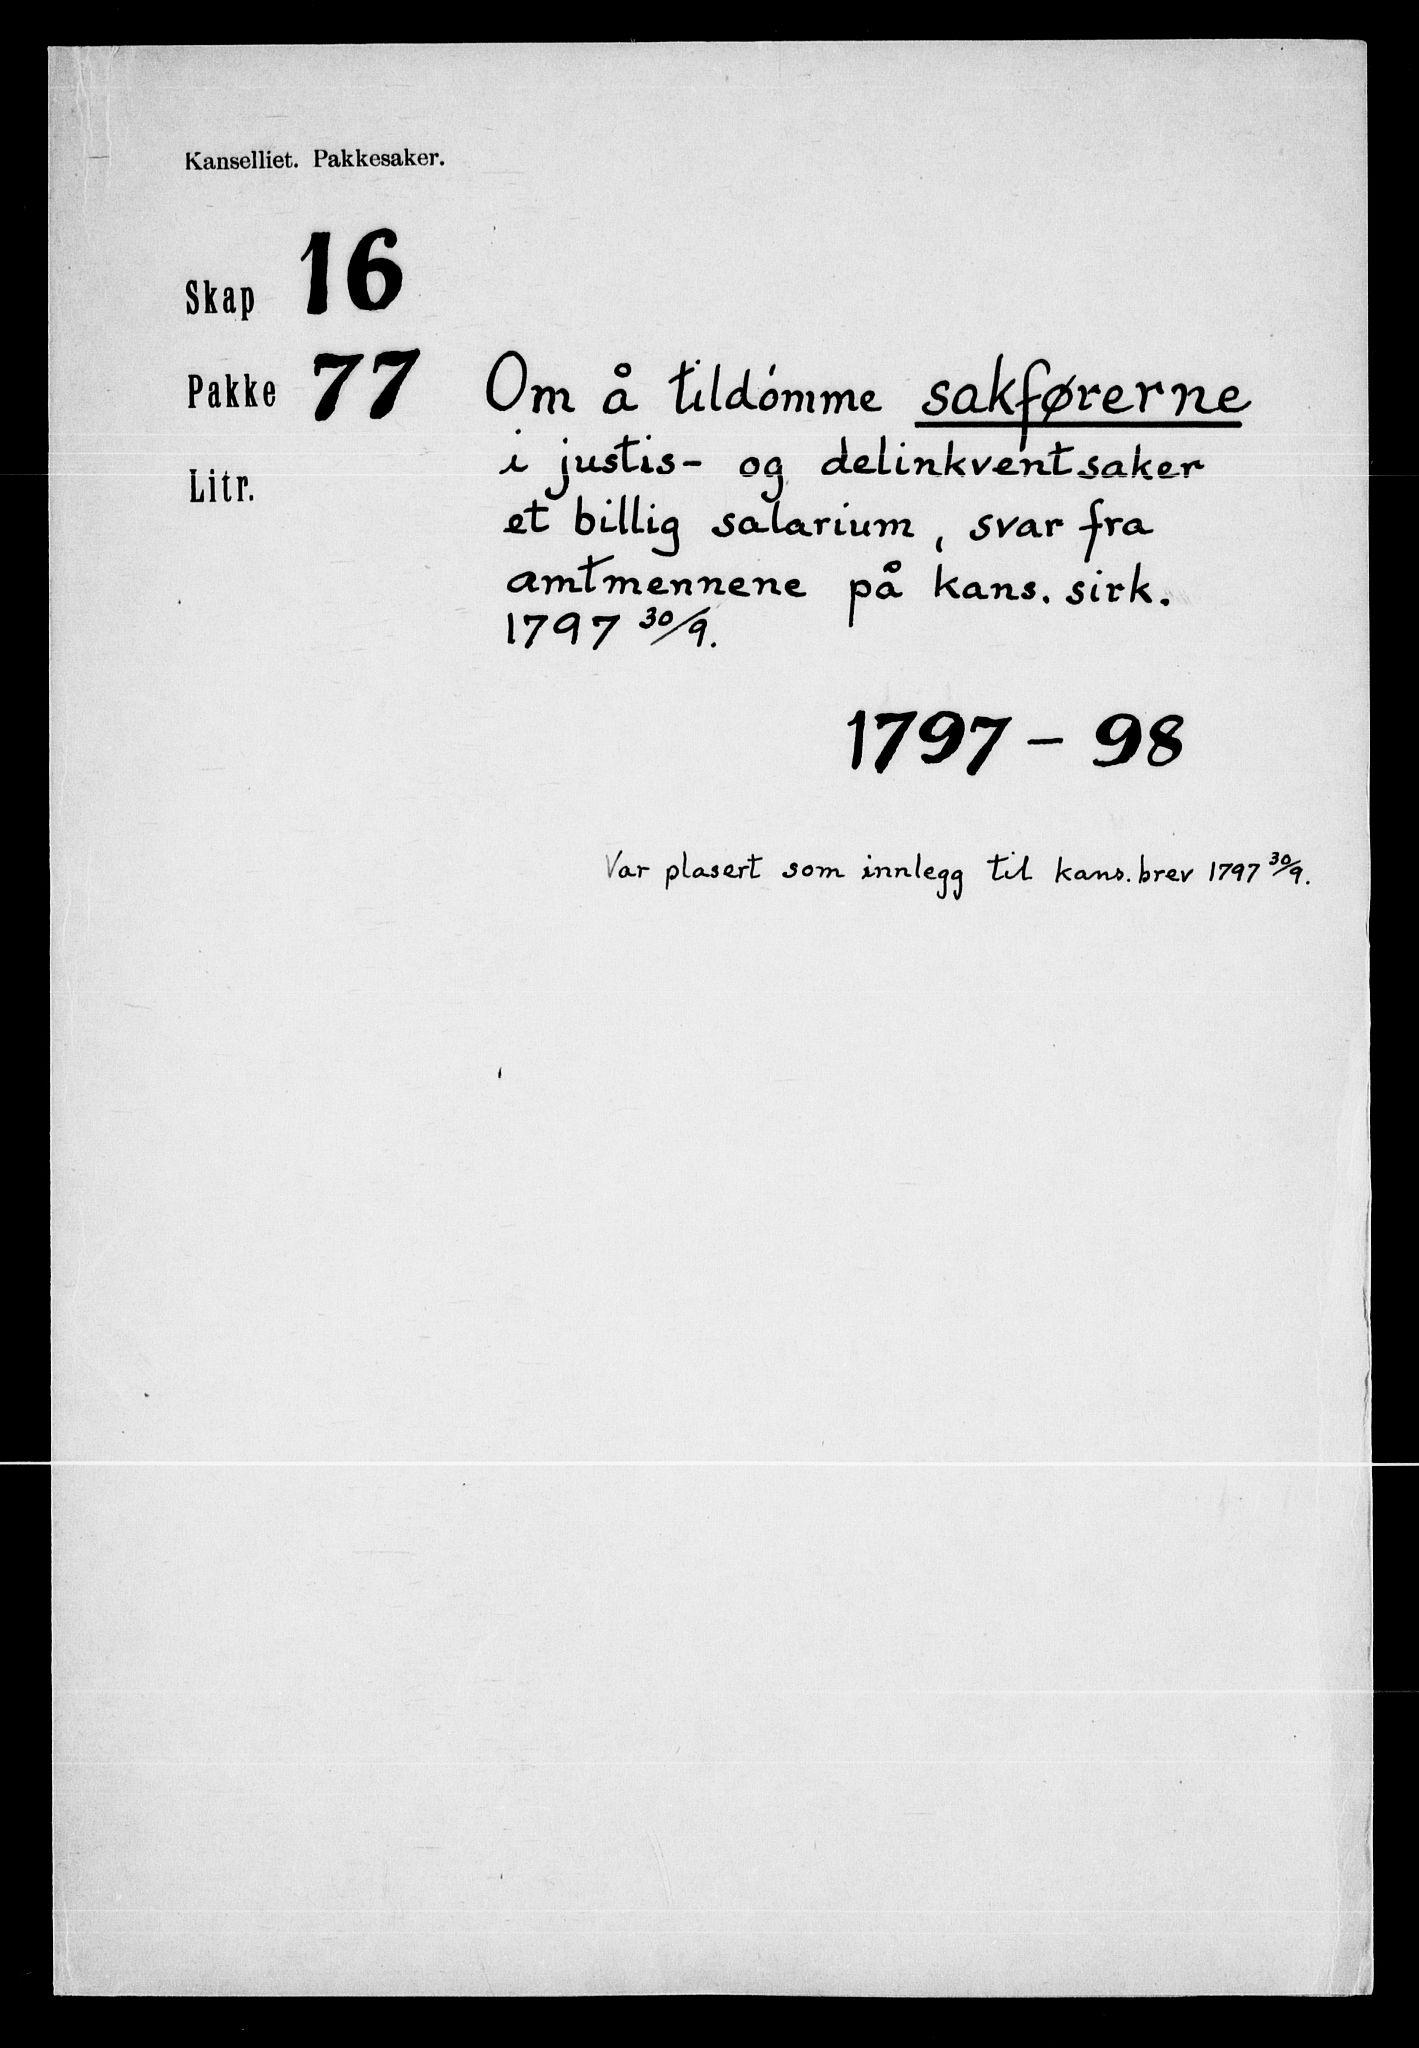 RA, Danske Kanselli, Skapsaker, F/L0128: Skap 16, pakke 77-81, 1797-1804, p. 2